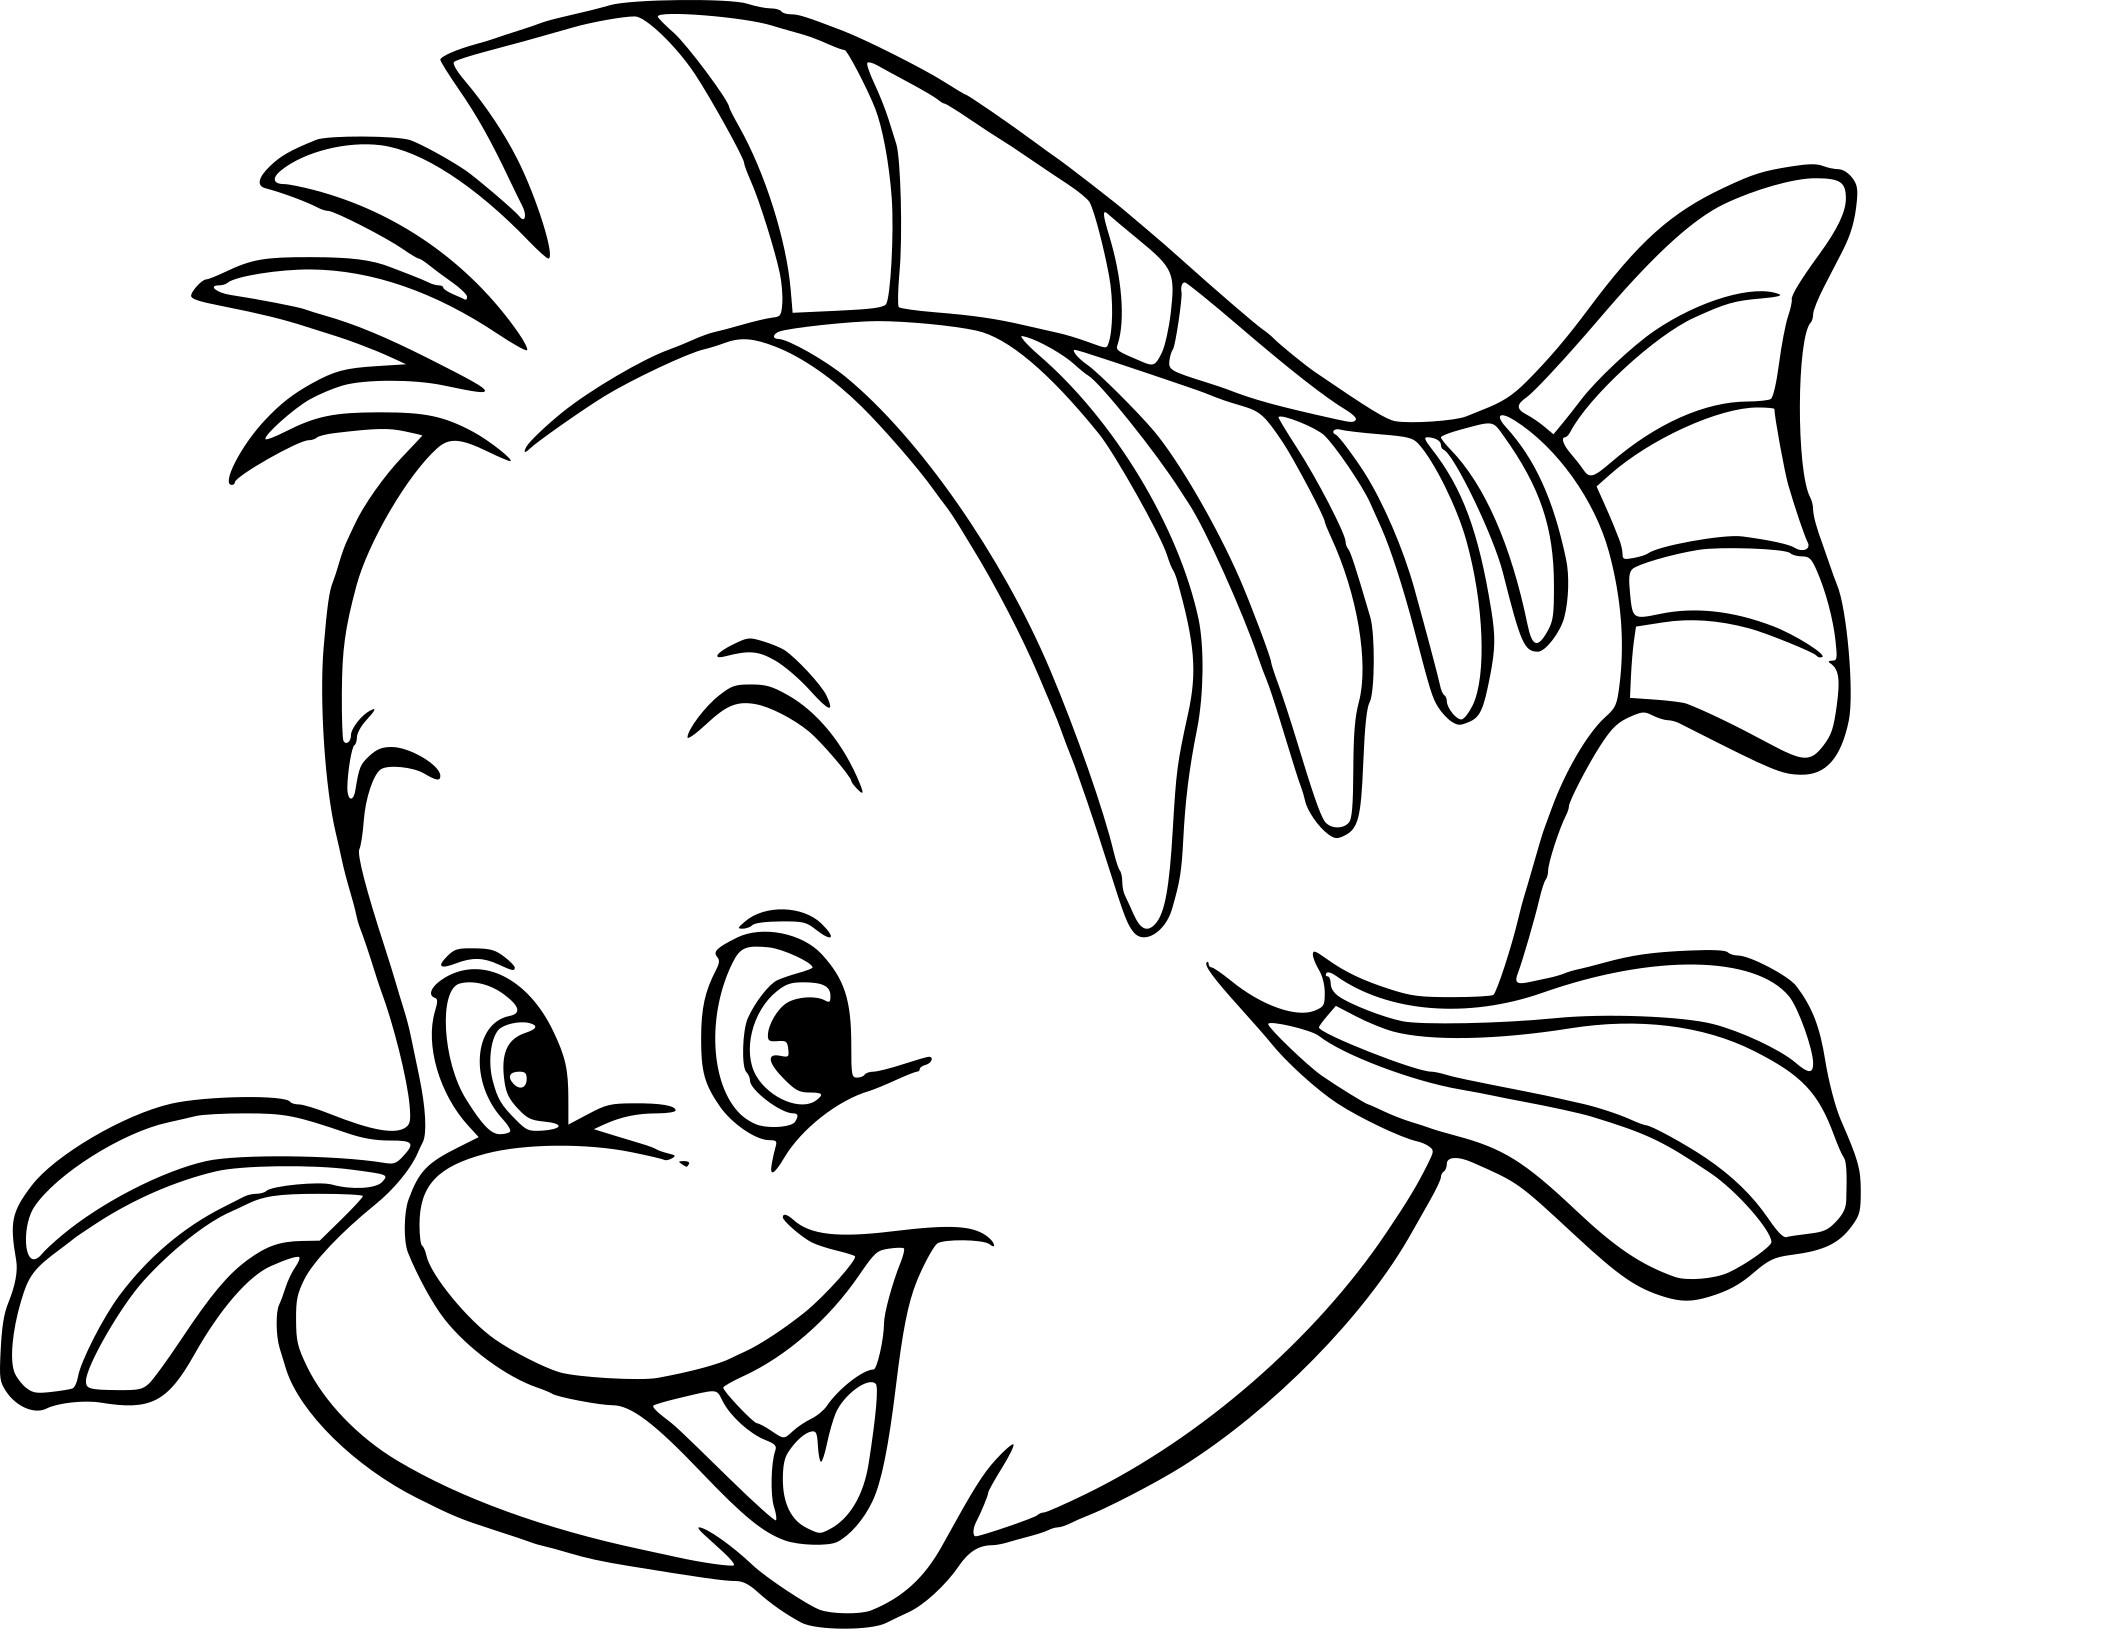 بالصور رسومات سهله وحلوه , رسومات لتعليم الاطفال سهلة 3946 5